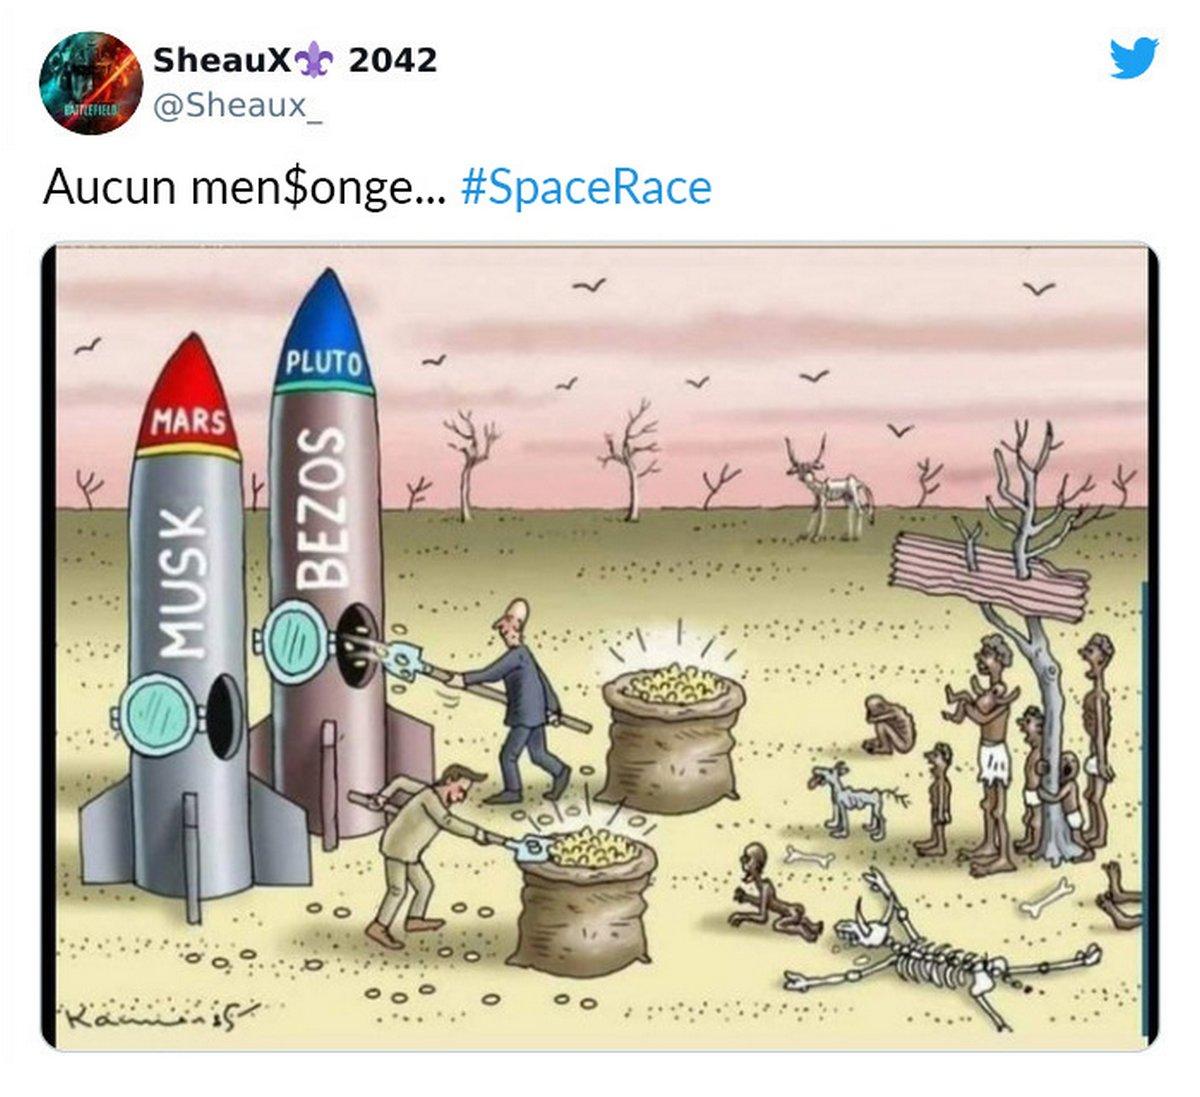 «Ils pourraient éliminer la faim dans le monde, mais ils font la course à l'espace à la place» : 11 réactions honnêtes à la course à l'espace des milliardaires